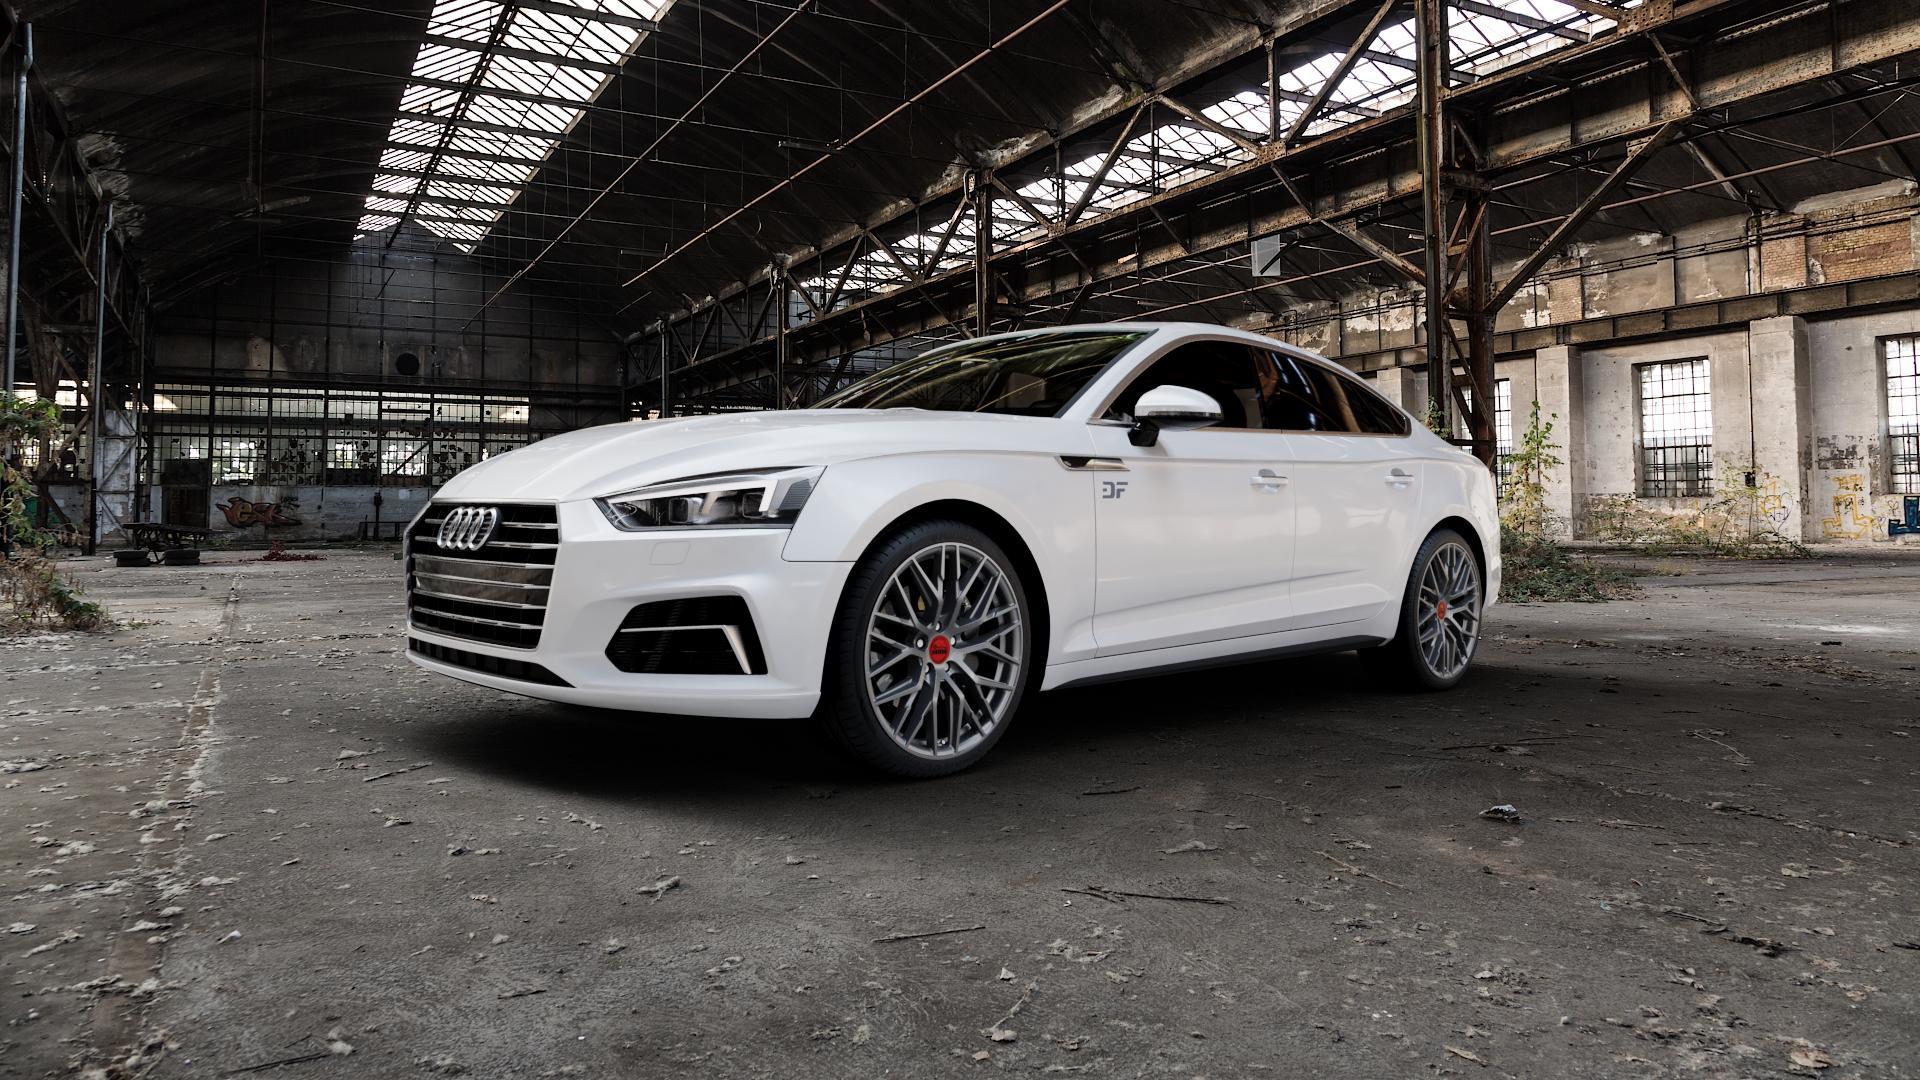 MAM RS4 PALLADIUM PAINTED Felge mit Reifen grau anthrazit in 19Zoll Winterfelge Alufelge auf weissem Audi A5 Typ B9 (Sportback) 2,0l TDI 140kW (190 PS) quattro TFSI 185kW (252 3,0l 160kW (218 200kW (272 1,4l 110kW (150 183kW (249 g-tron 125kW (170 Mild-Hybrid 100kW (136 210kW (286 45 180kW (245 35 40 50 170kW (231 120kW (163 30 ⬇️ mit 15mm Ti